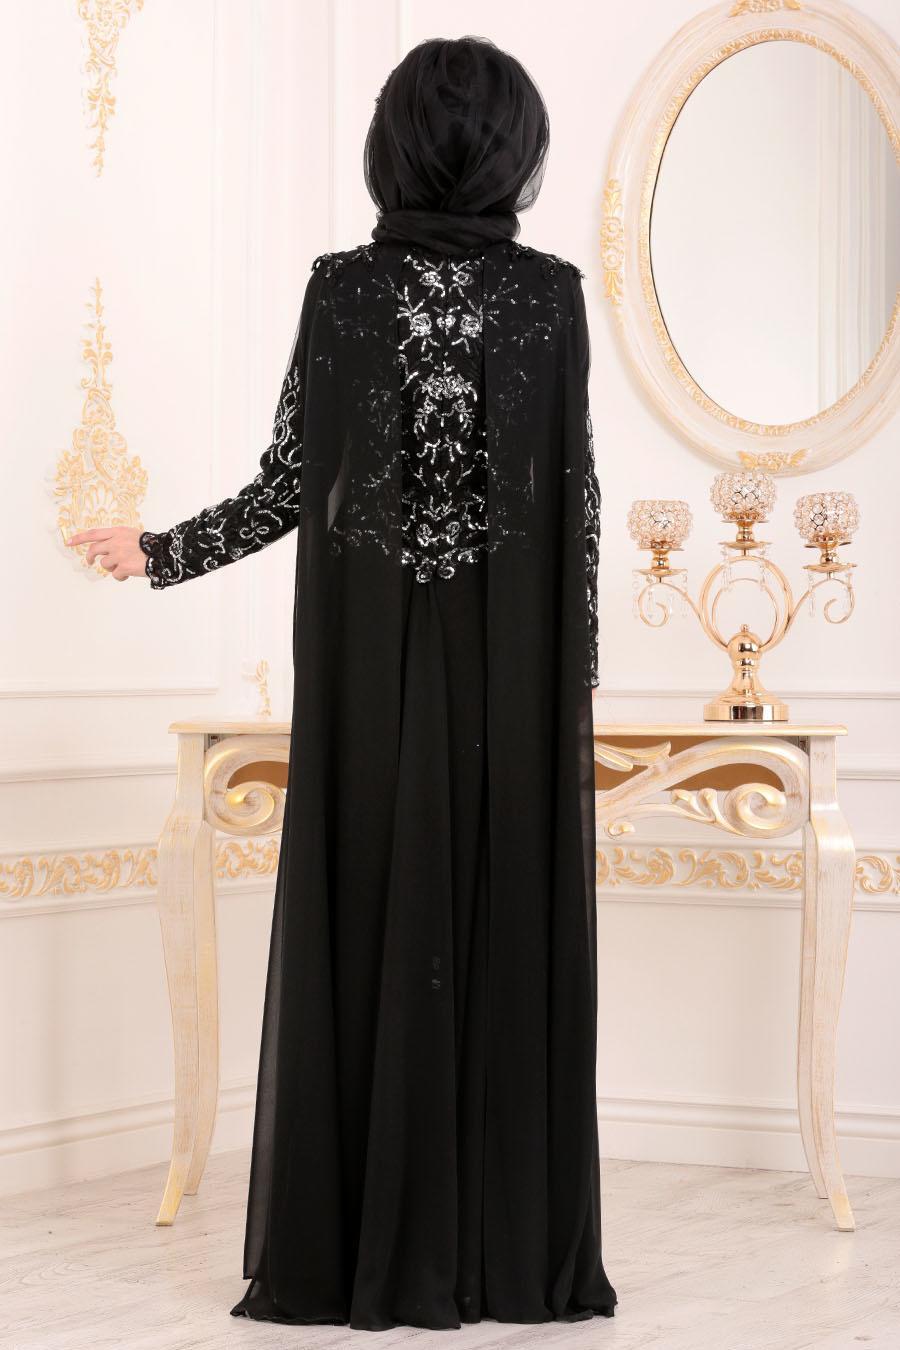 Tesettürlü Abiye Elbise - Pul Payetli Siyah Tesettür Abiye Elbise 85250S